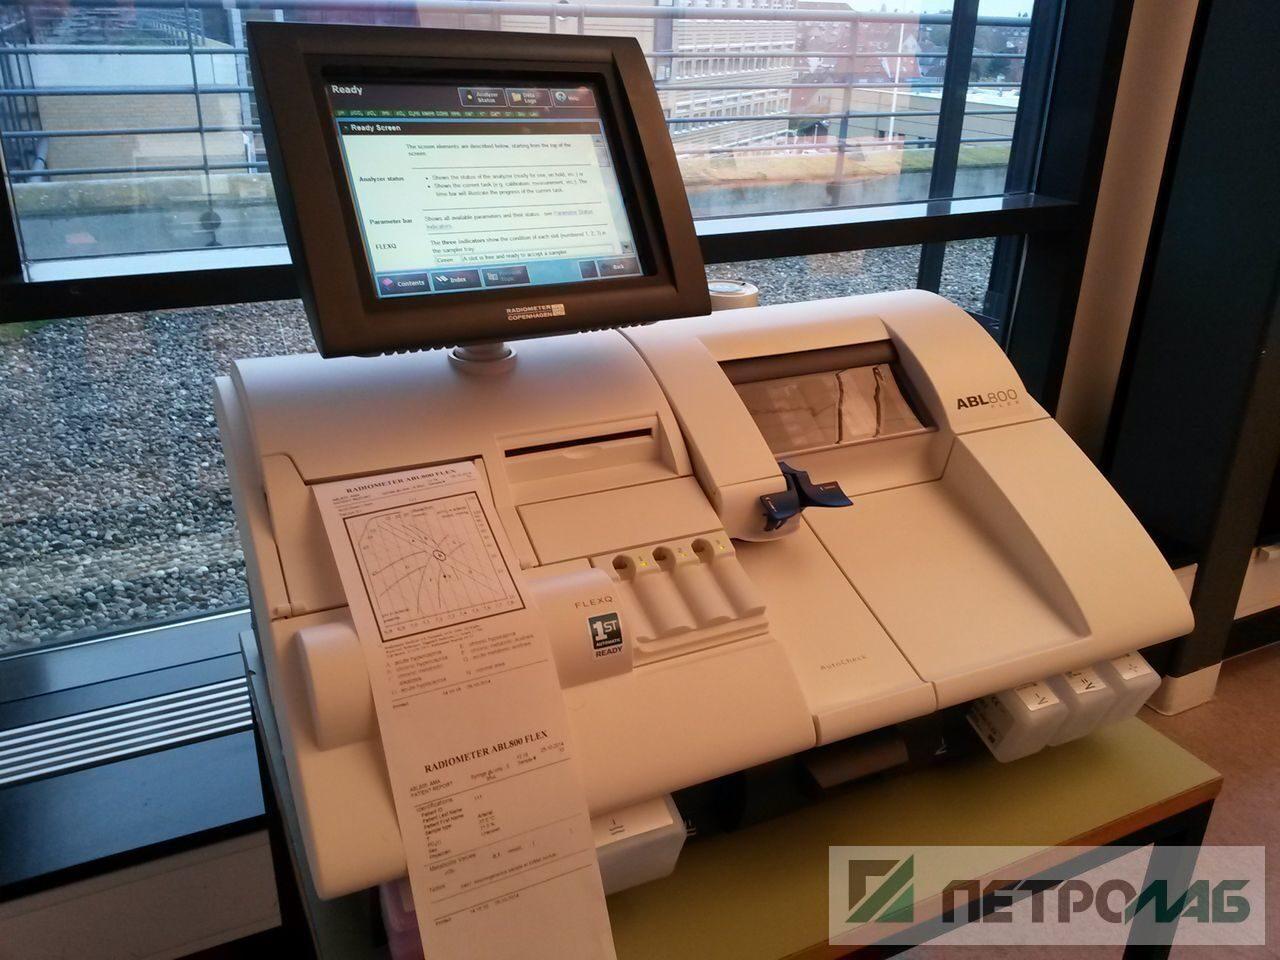 Анализаторы газов крови abl 800 Справка из кожно-венерологического диспансера Улица Шверника